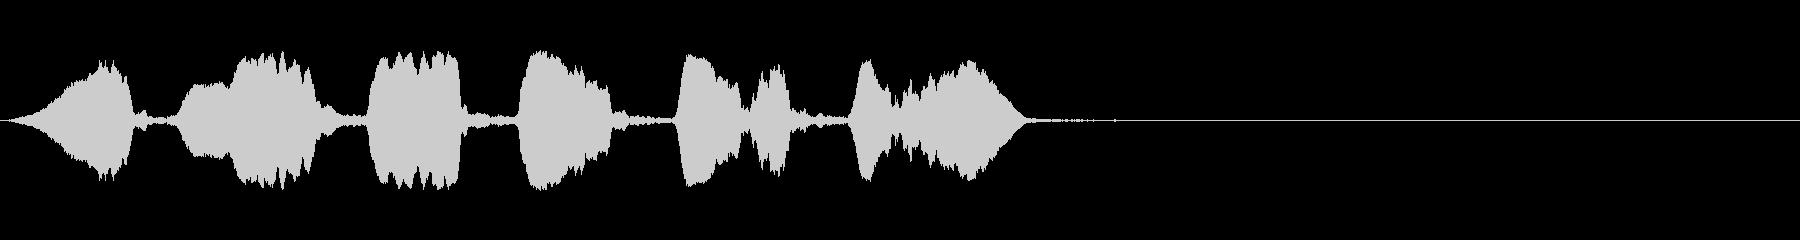 サイレンホイッスル:キャラクターが...の未再生の波形